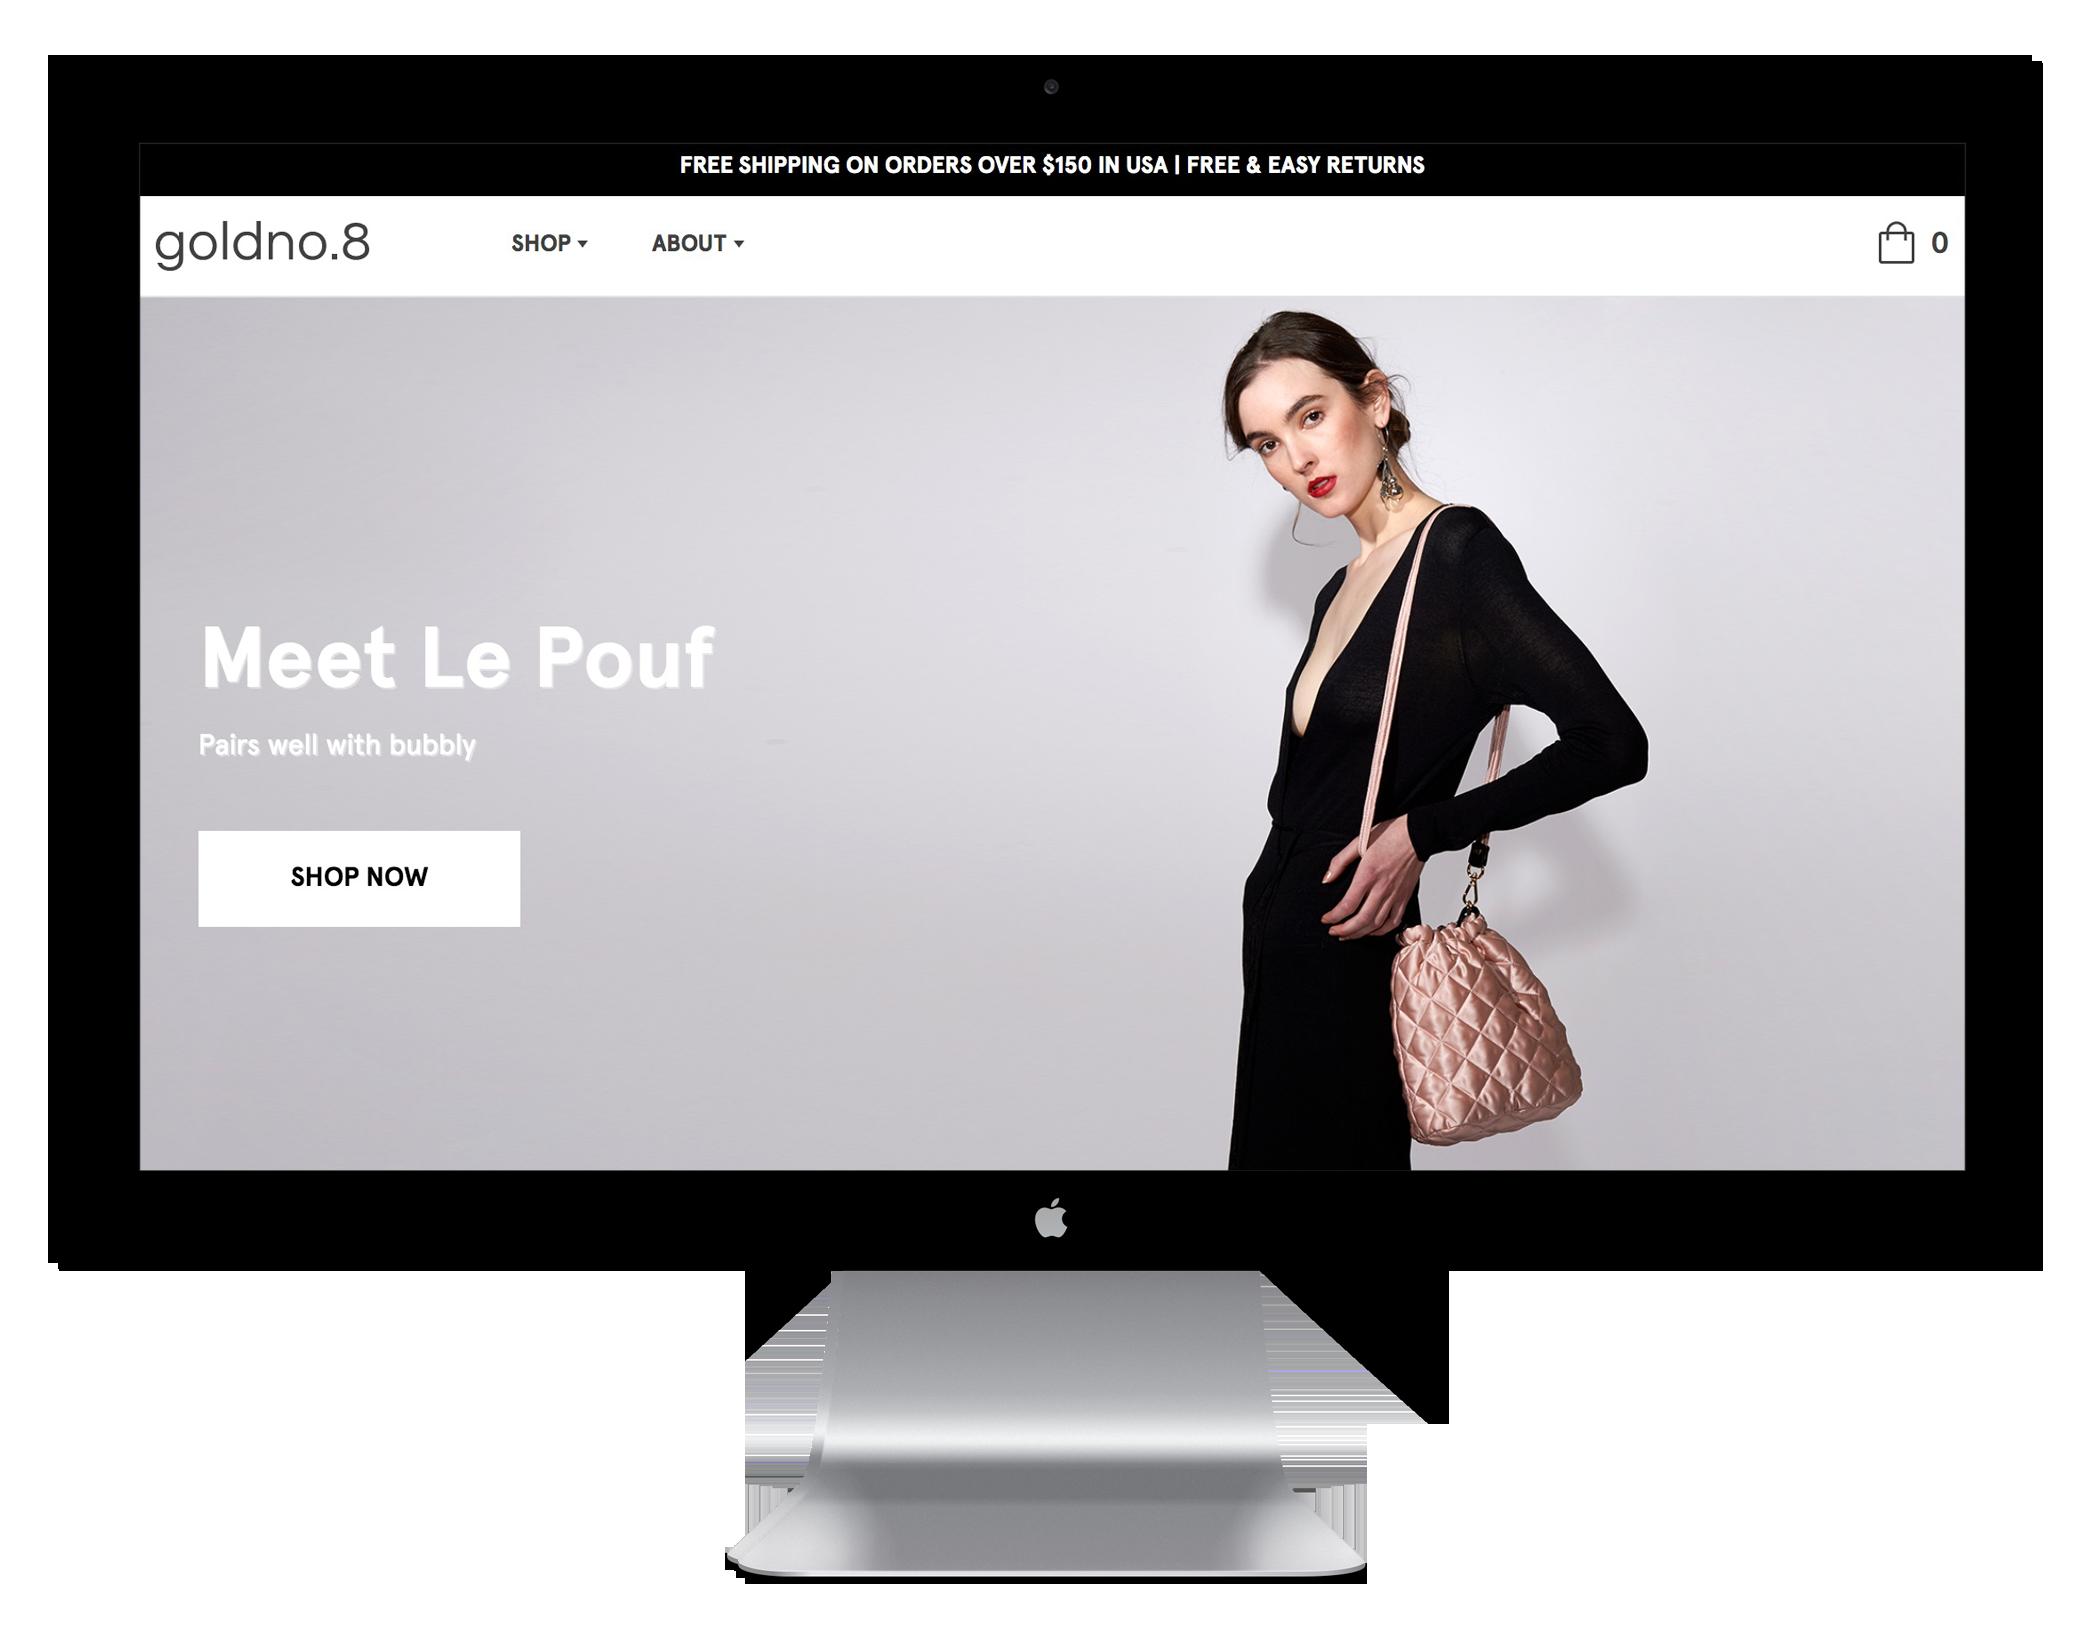 devaworks-website-design-goldno8.png